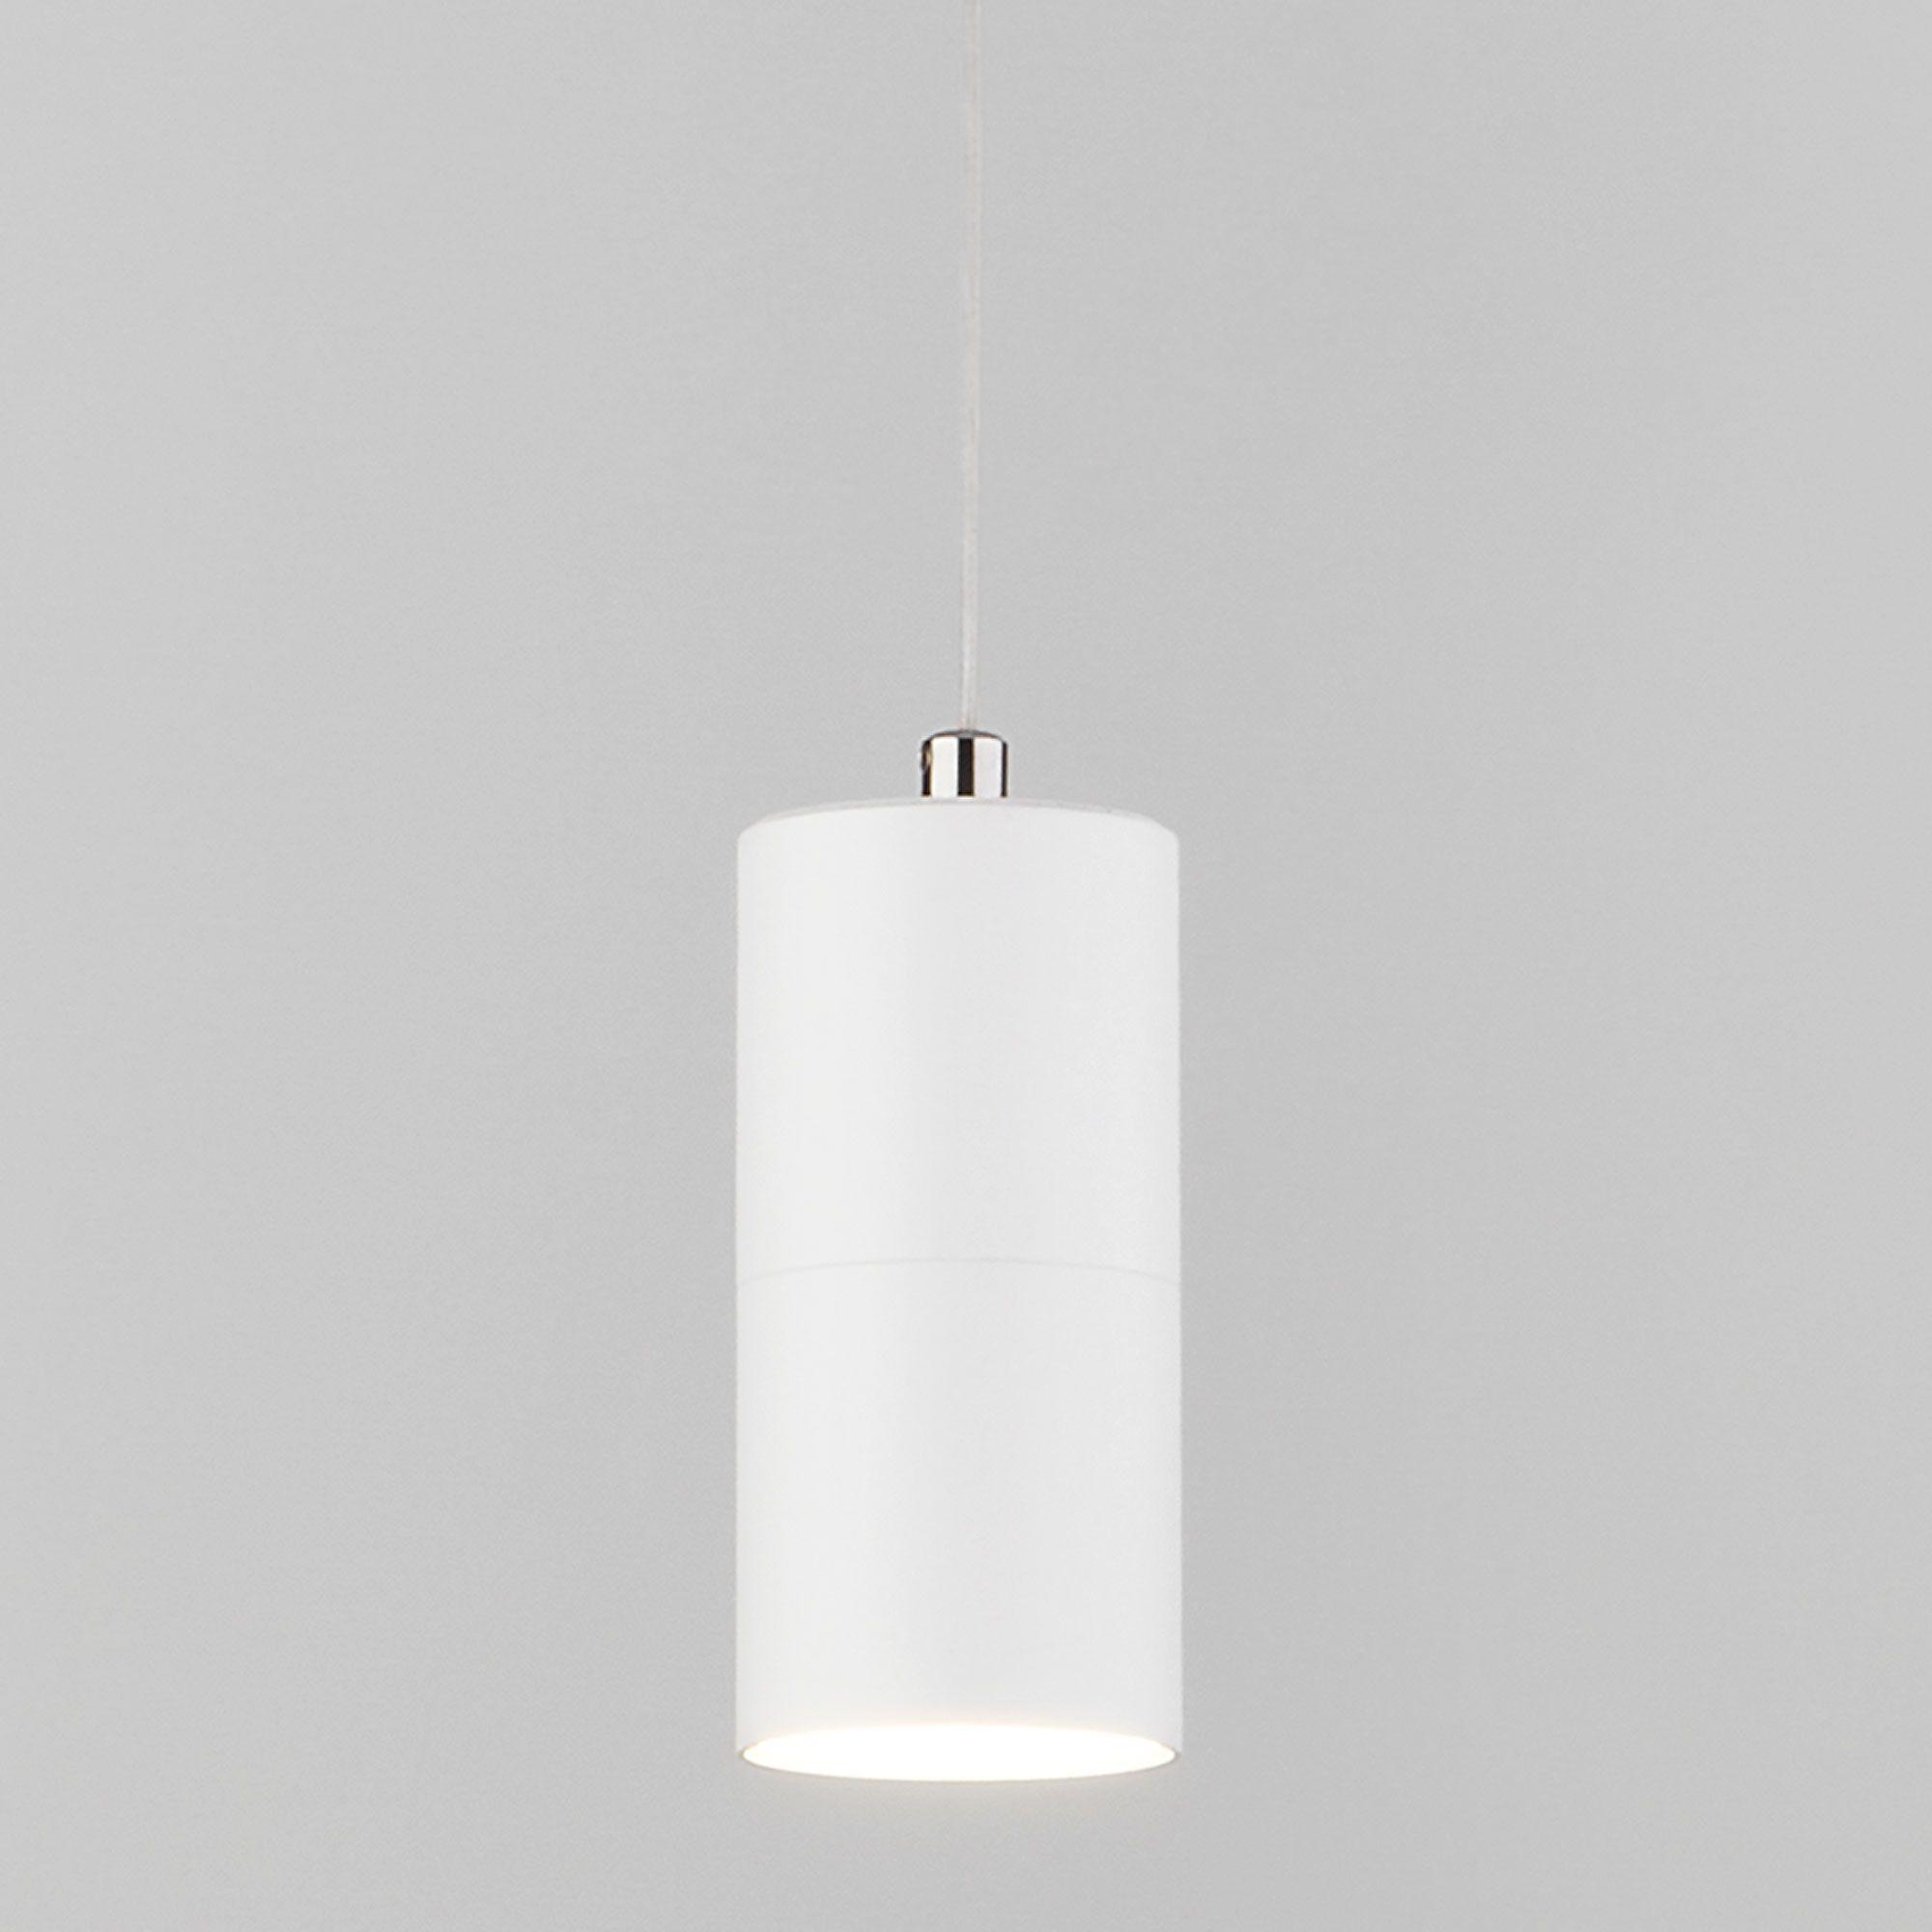 Подвесной светильник лофт для акцентного освещения 50146/1 белый